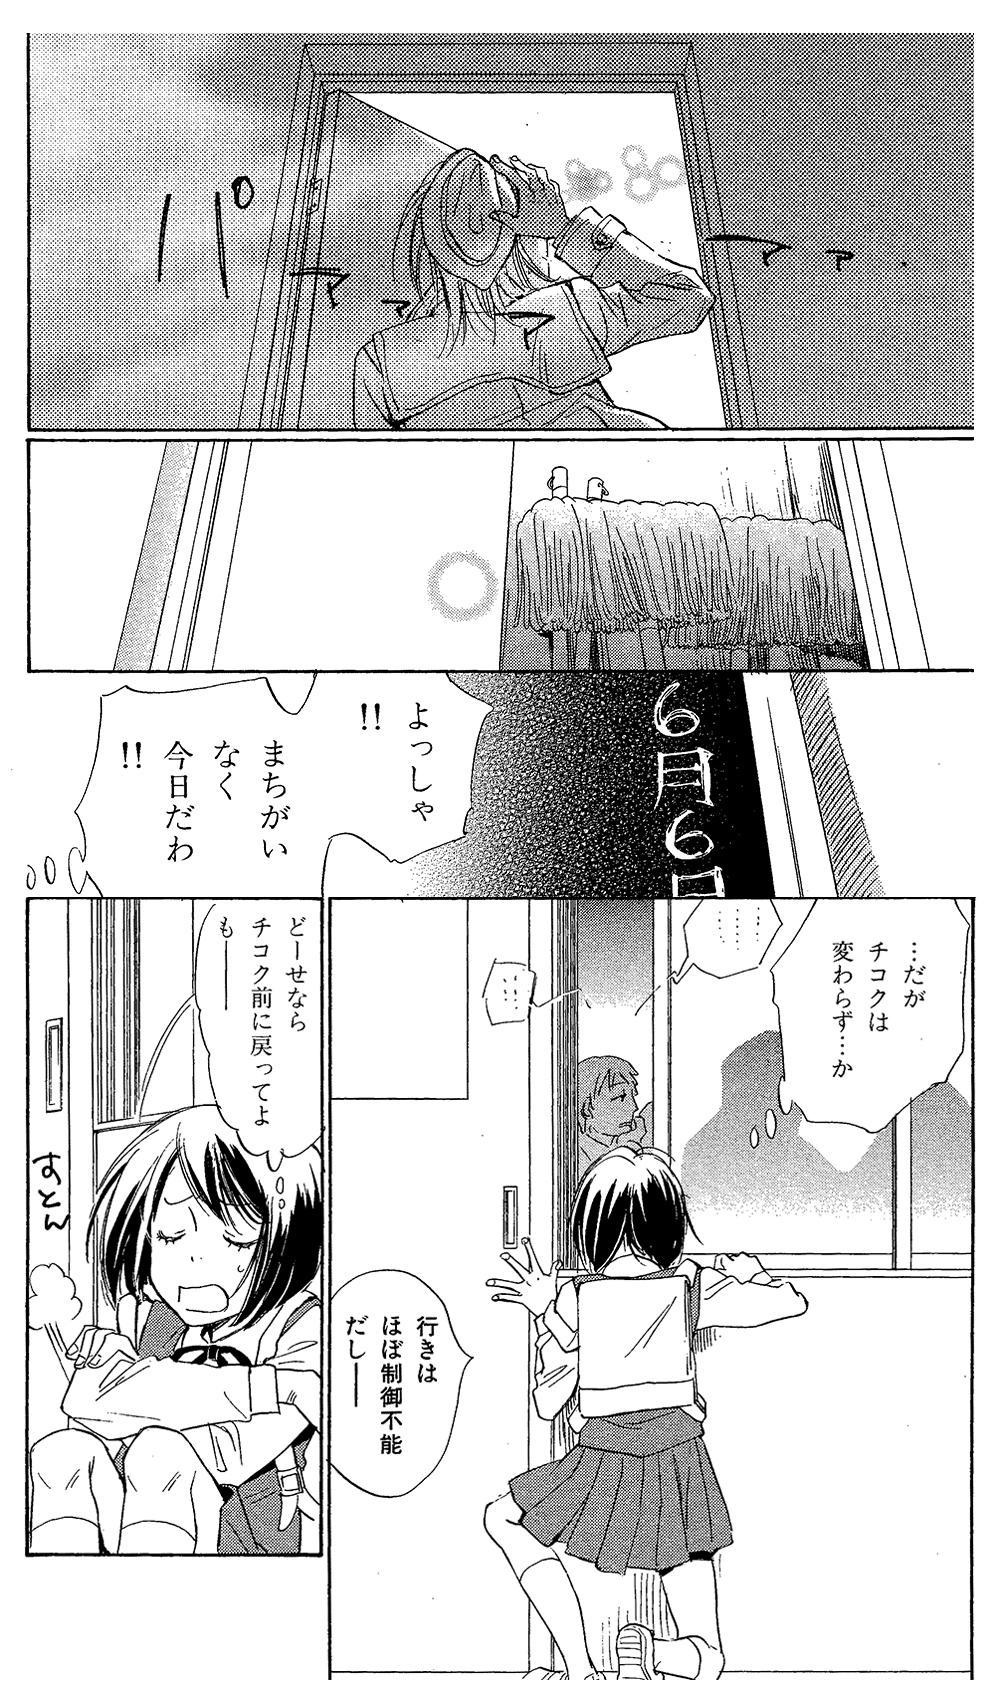 時間の歩き方 第1話 ①jikan01-08.jpg